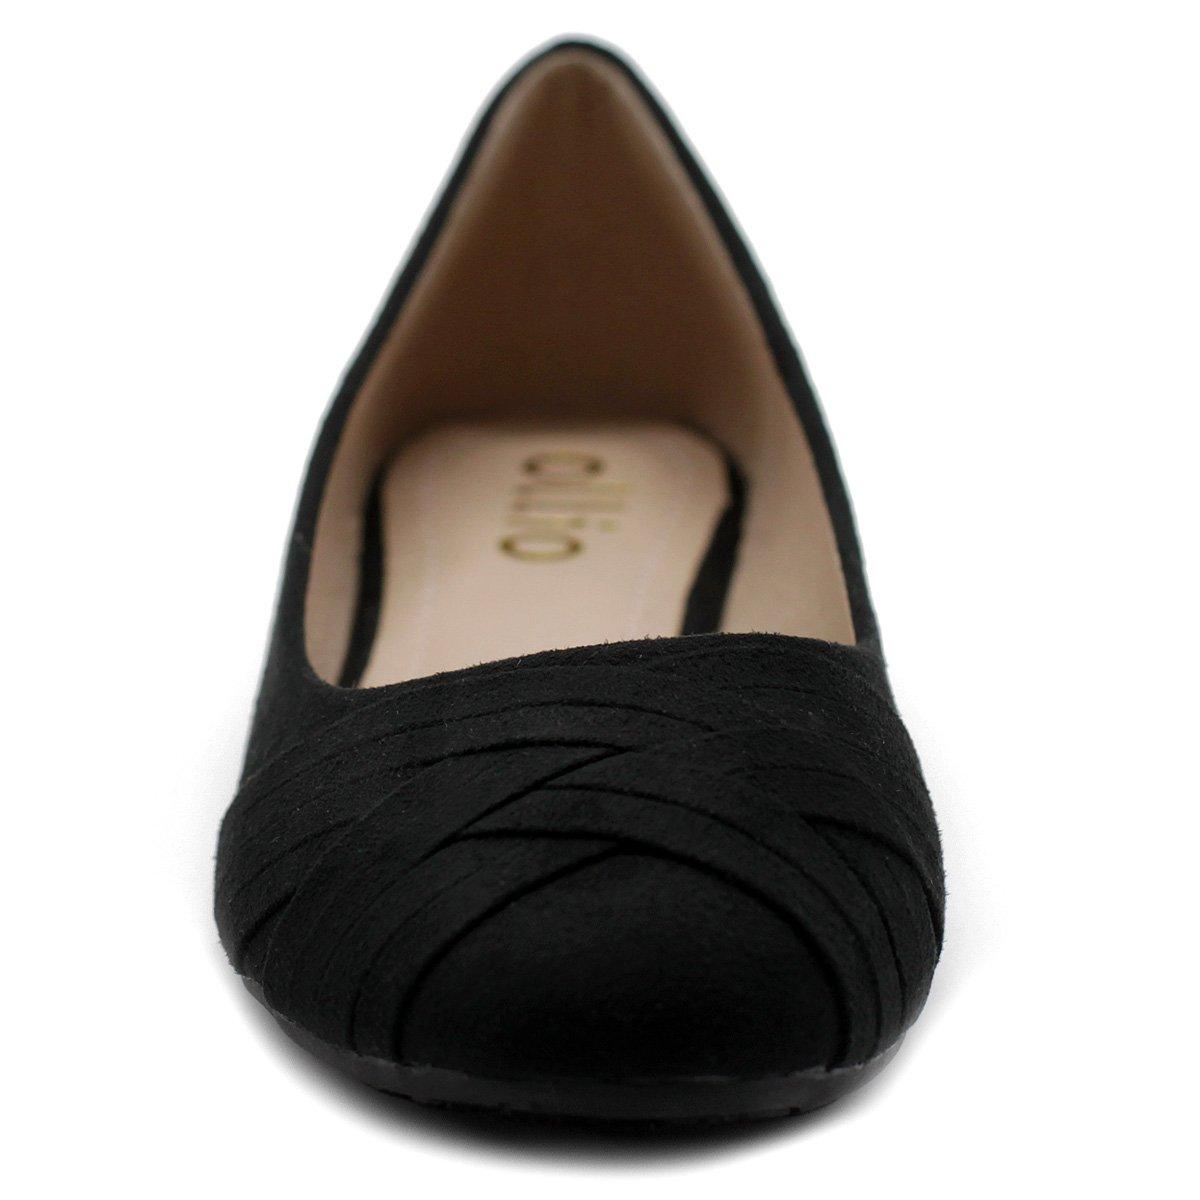 size 40 40775 701ee Zapato de ballet Ollio Women s Cute Casual Comfort Flat Negro